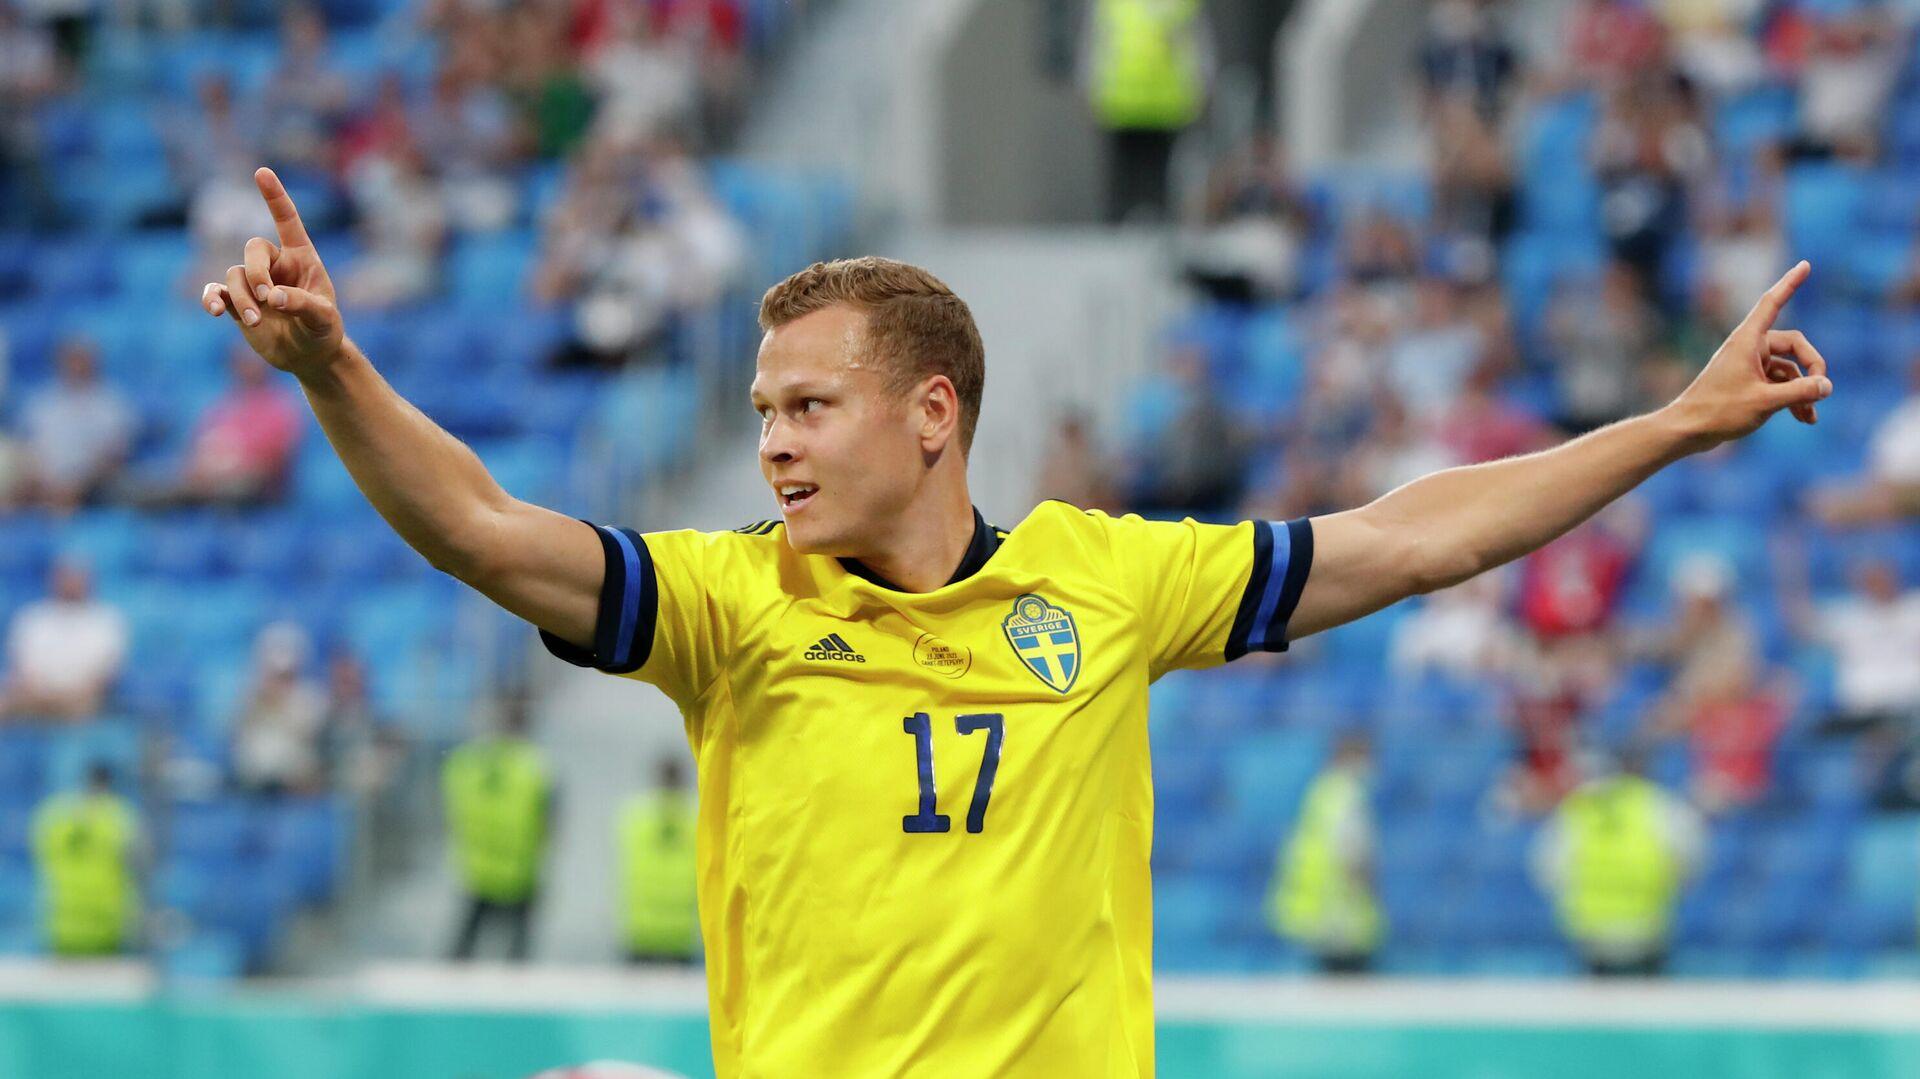 Нападающий сборной Швеции Виктор Классон - РИА Новости, 1920, 23.06.2021